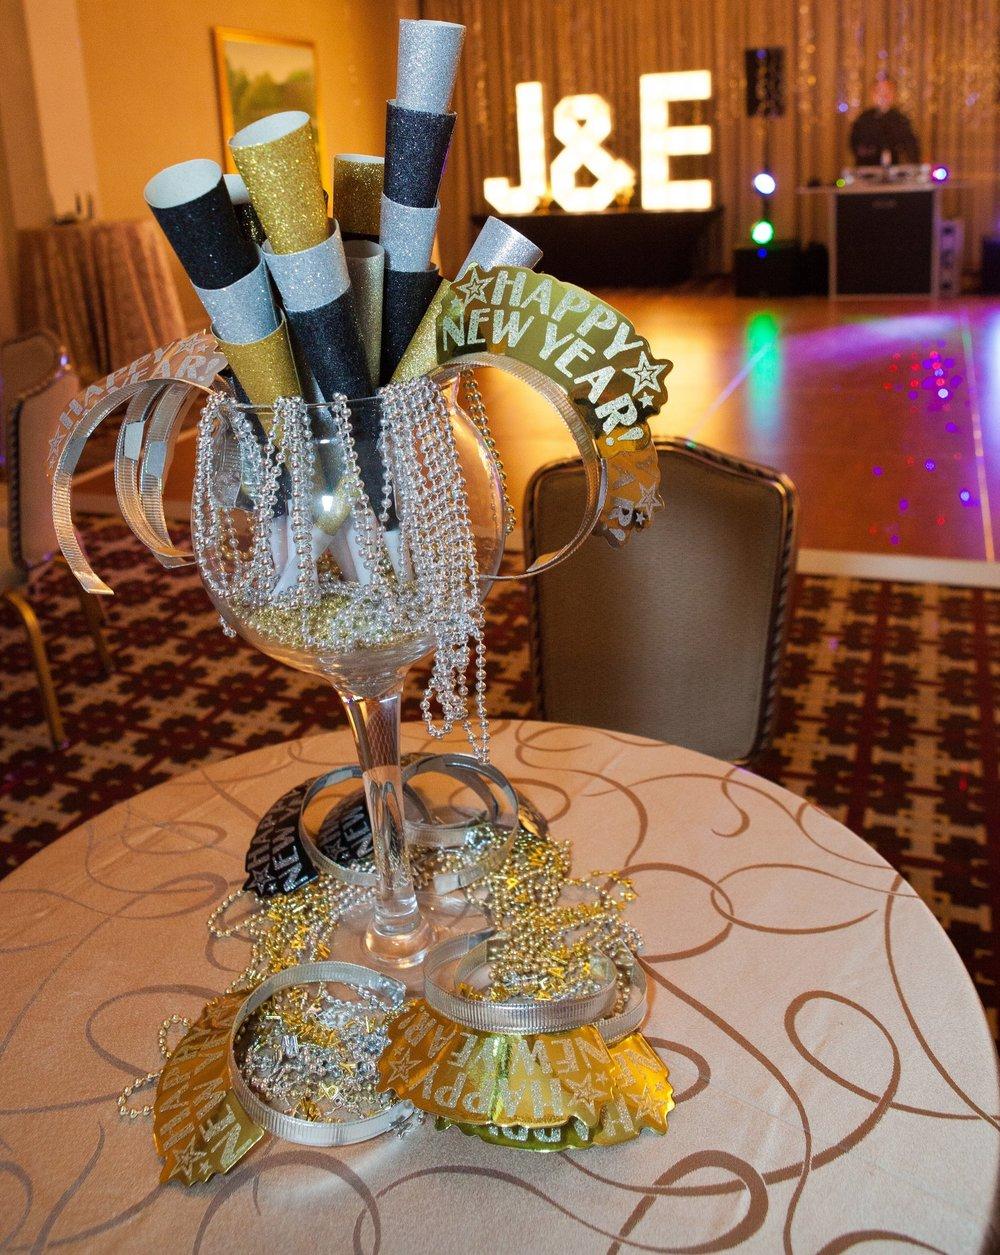 Kate Murtaugh Events & Design: Boston Wedding Planner, New England Wedding Planner, Rhode Island Wedding planner, Boston Events Planner, New England Events Planner, Rhode Island Events Planner